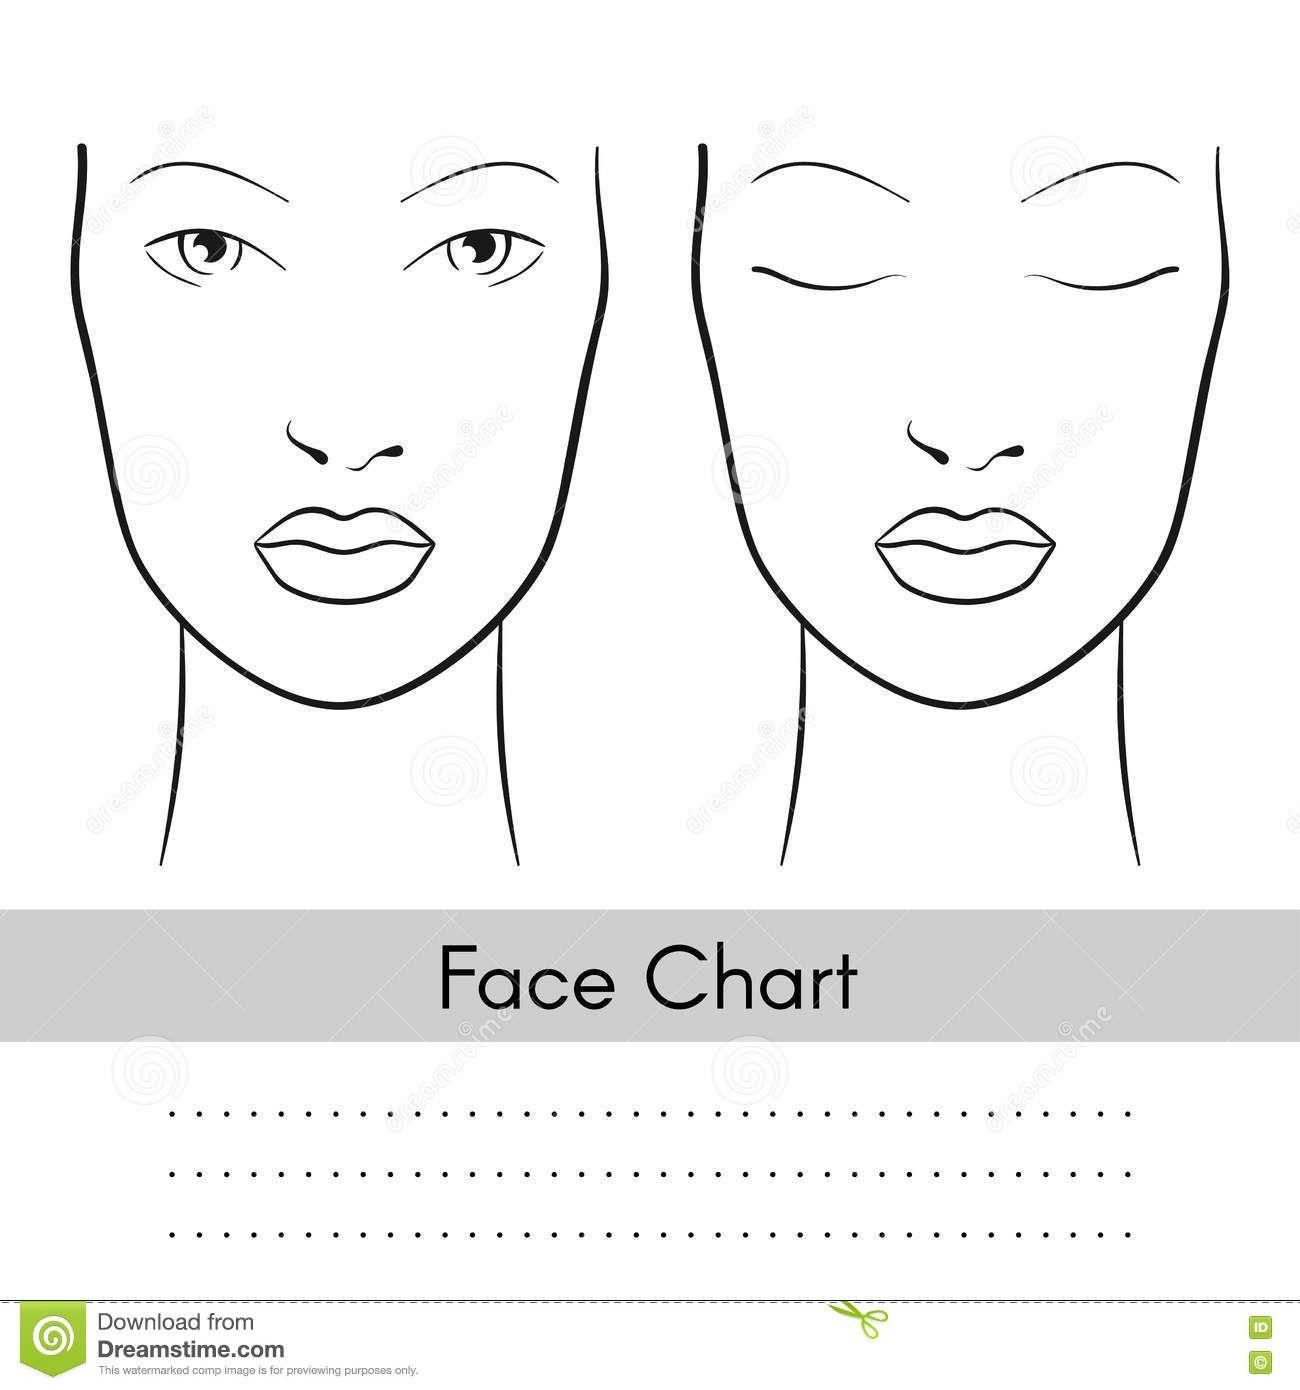 Printable Face Charts For Makeup - Makeup Vidalondon ...